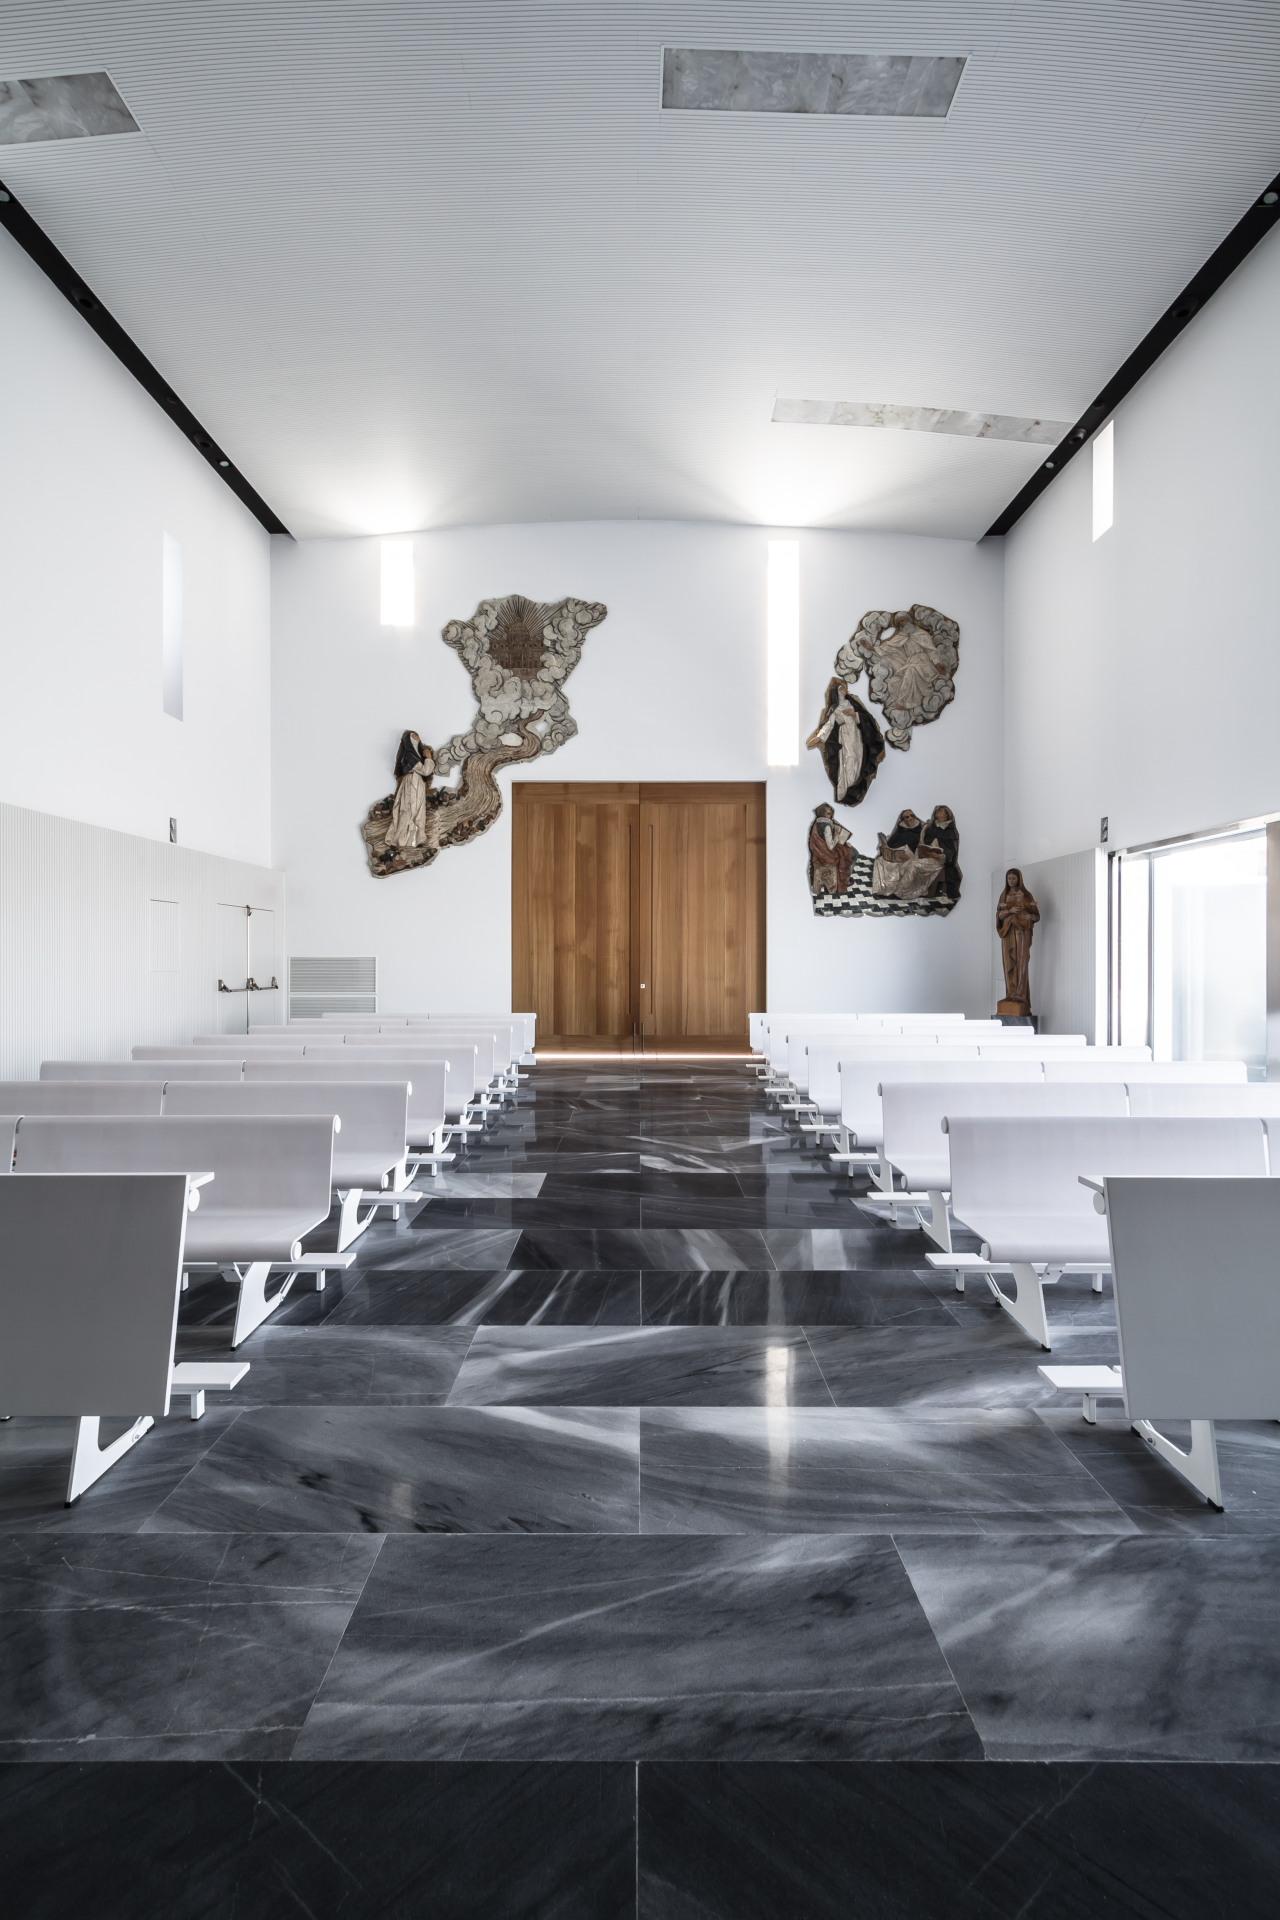 fotografia-arquitectura-valencia-german-cabo-hernandez-monasterio (29)